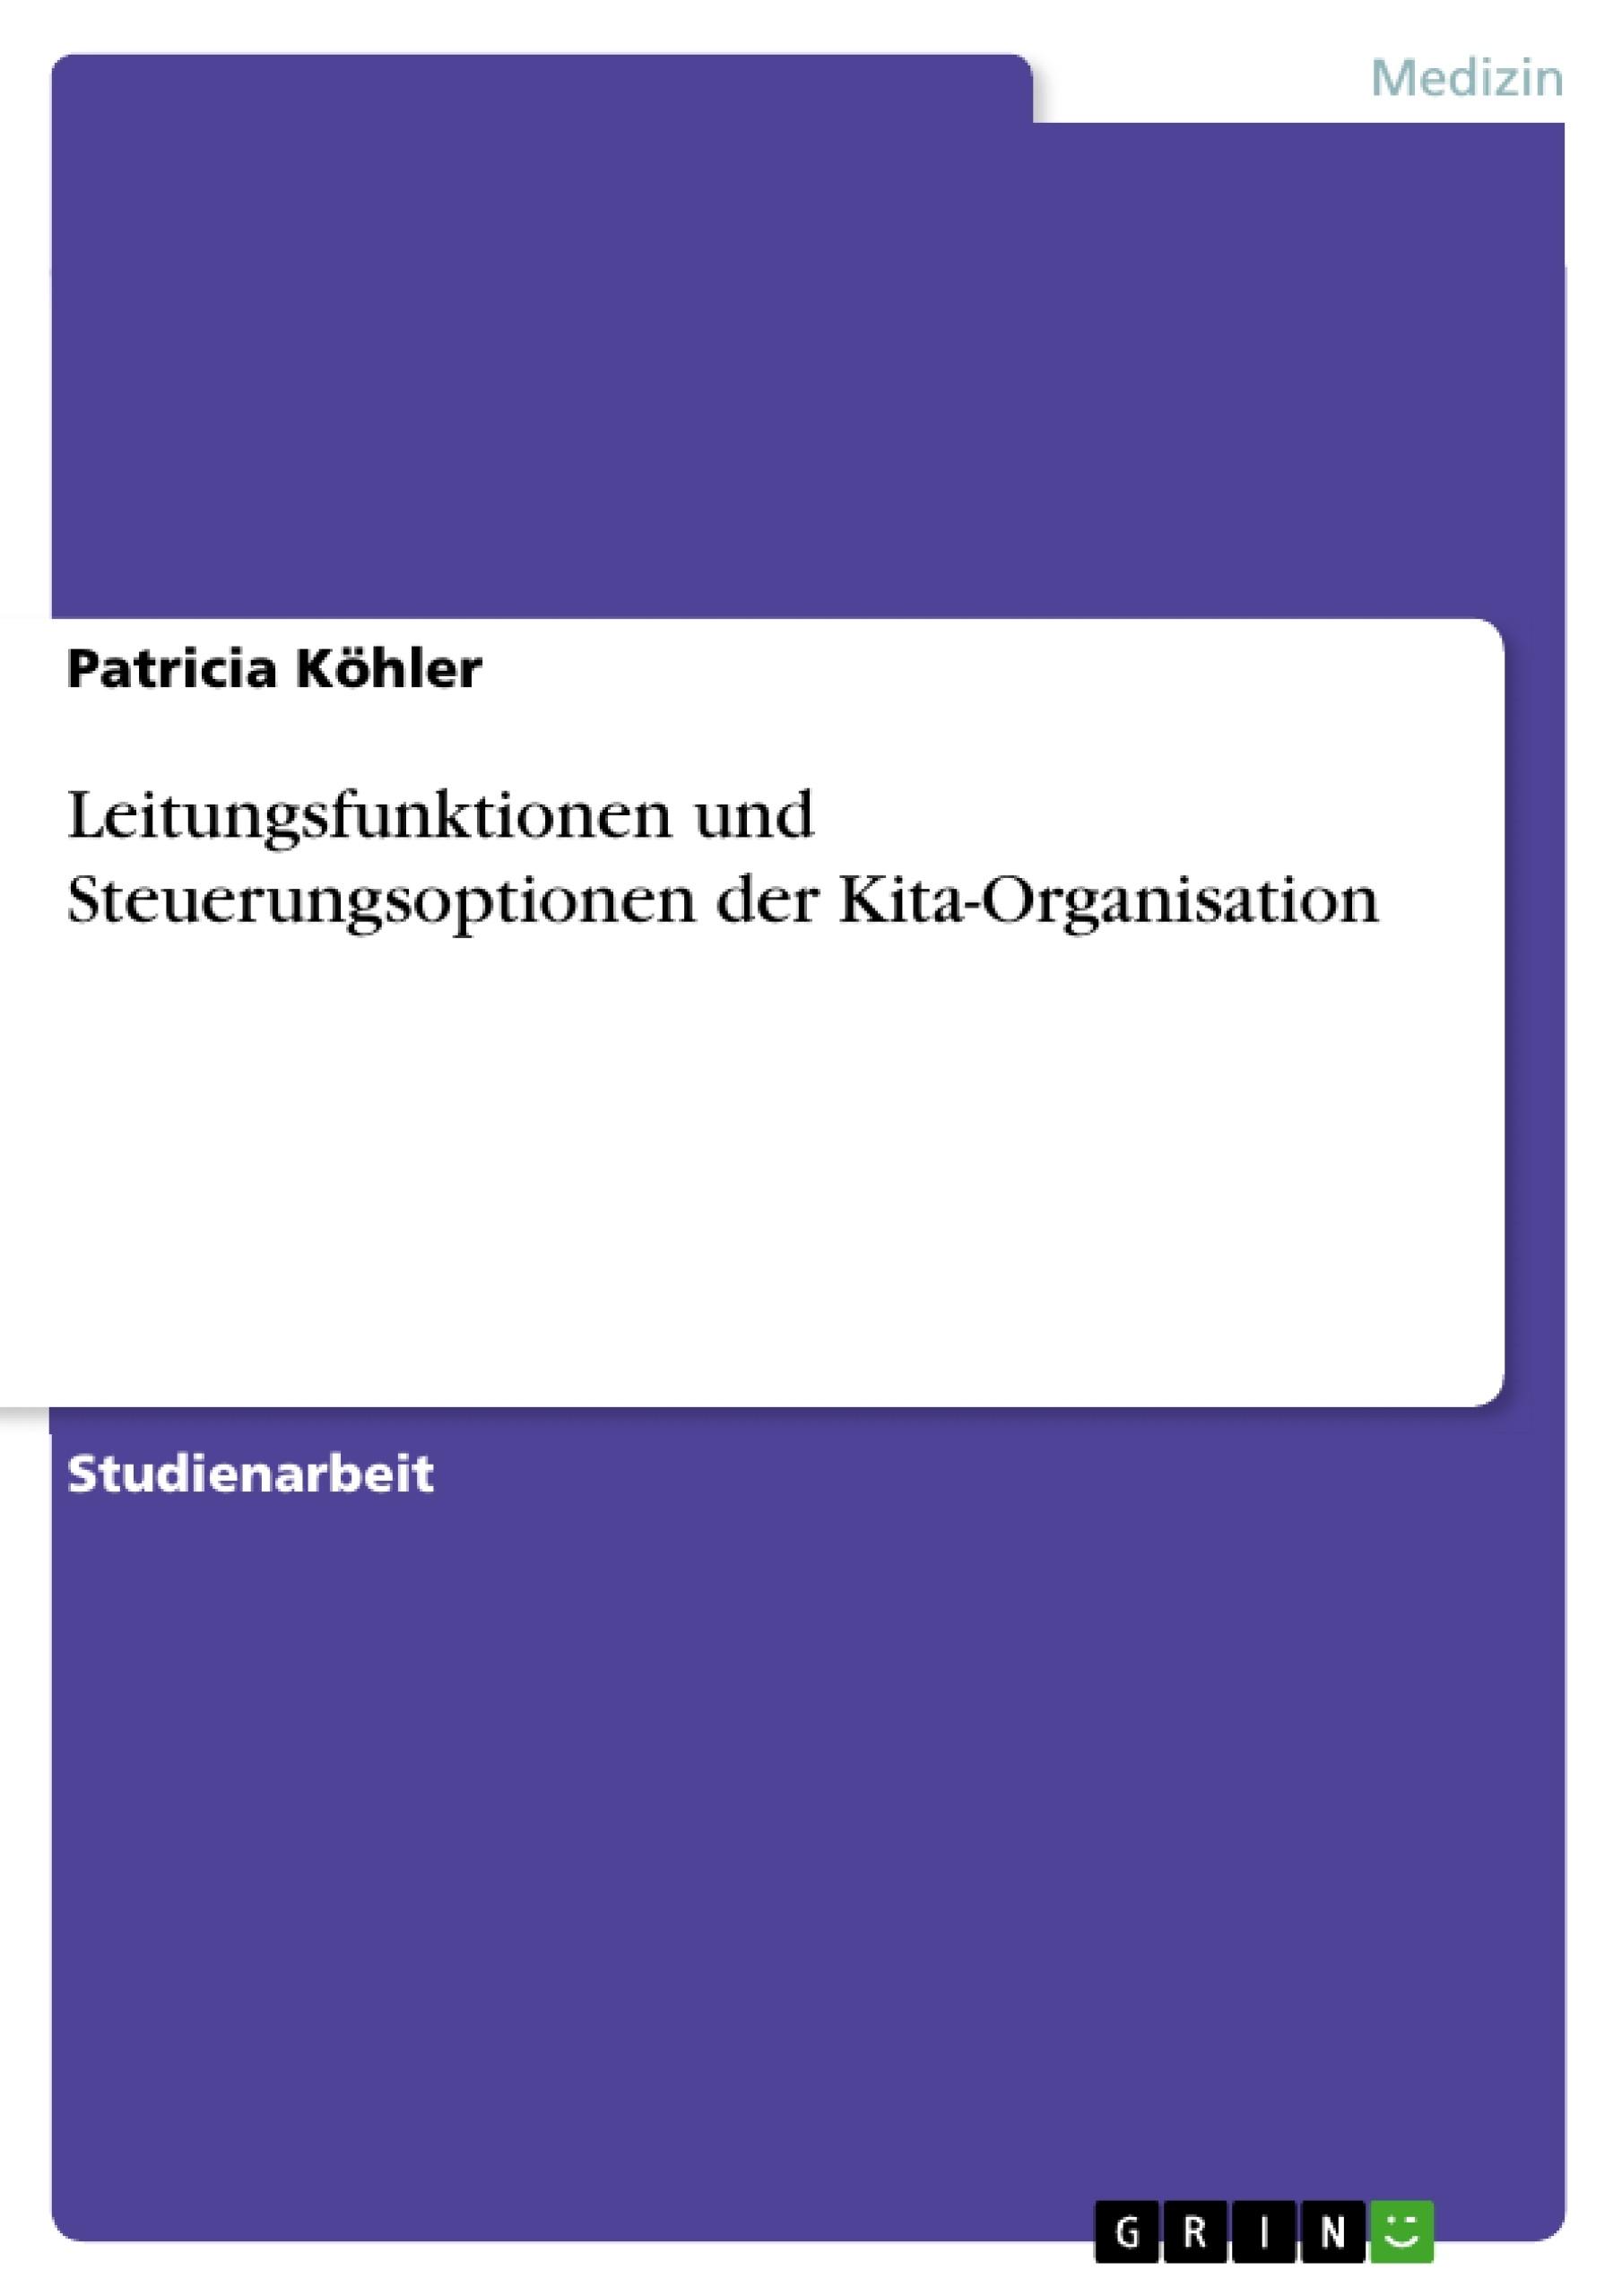 Titel: Leitungsfunktionen und Steuerungsoptionen der Kita-Organisation